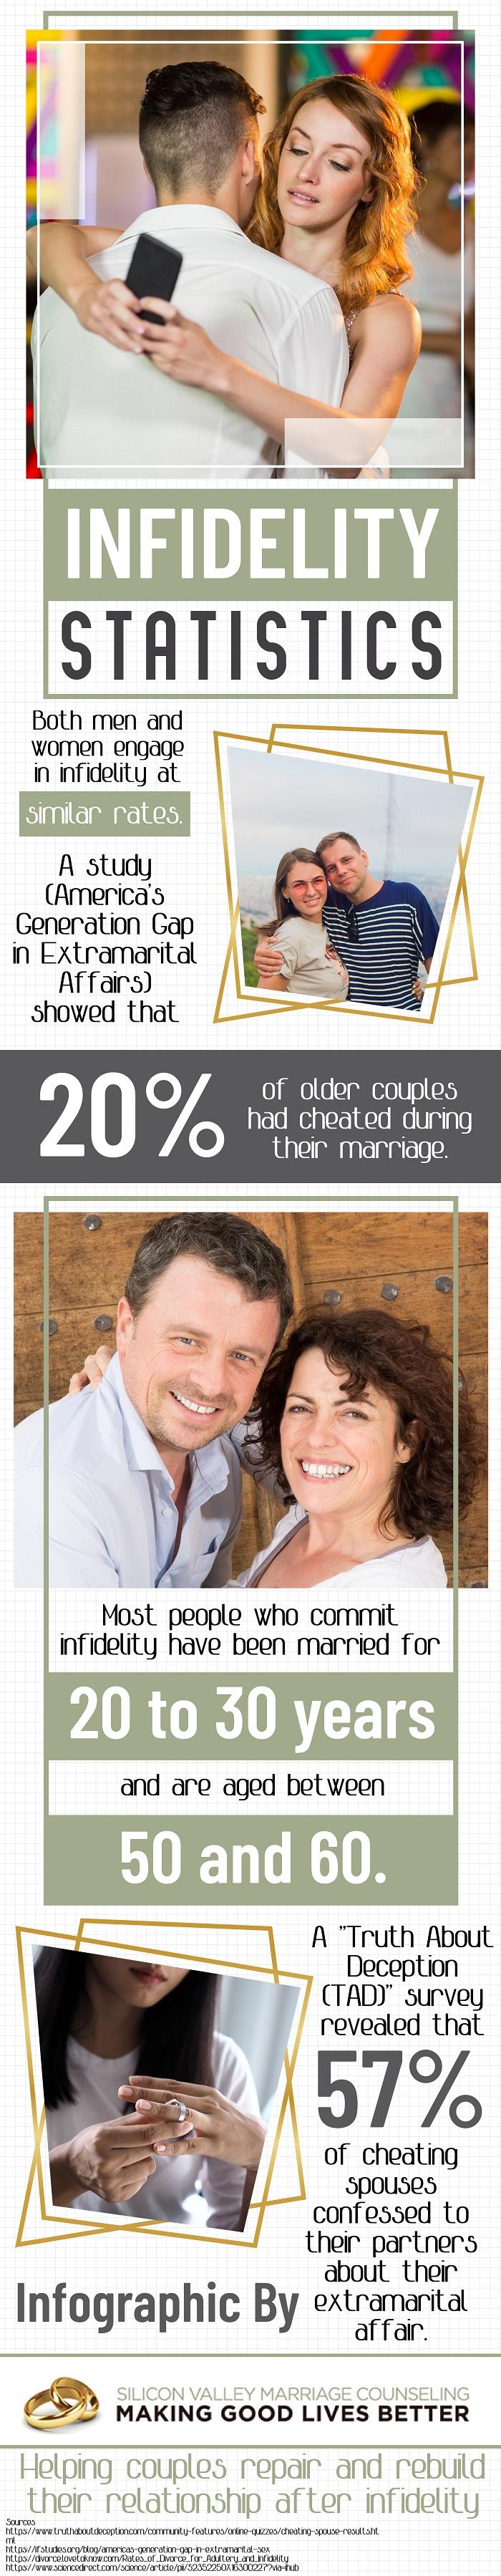 Infidelity Statistics - Infographic